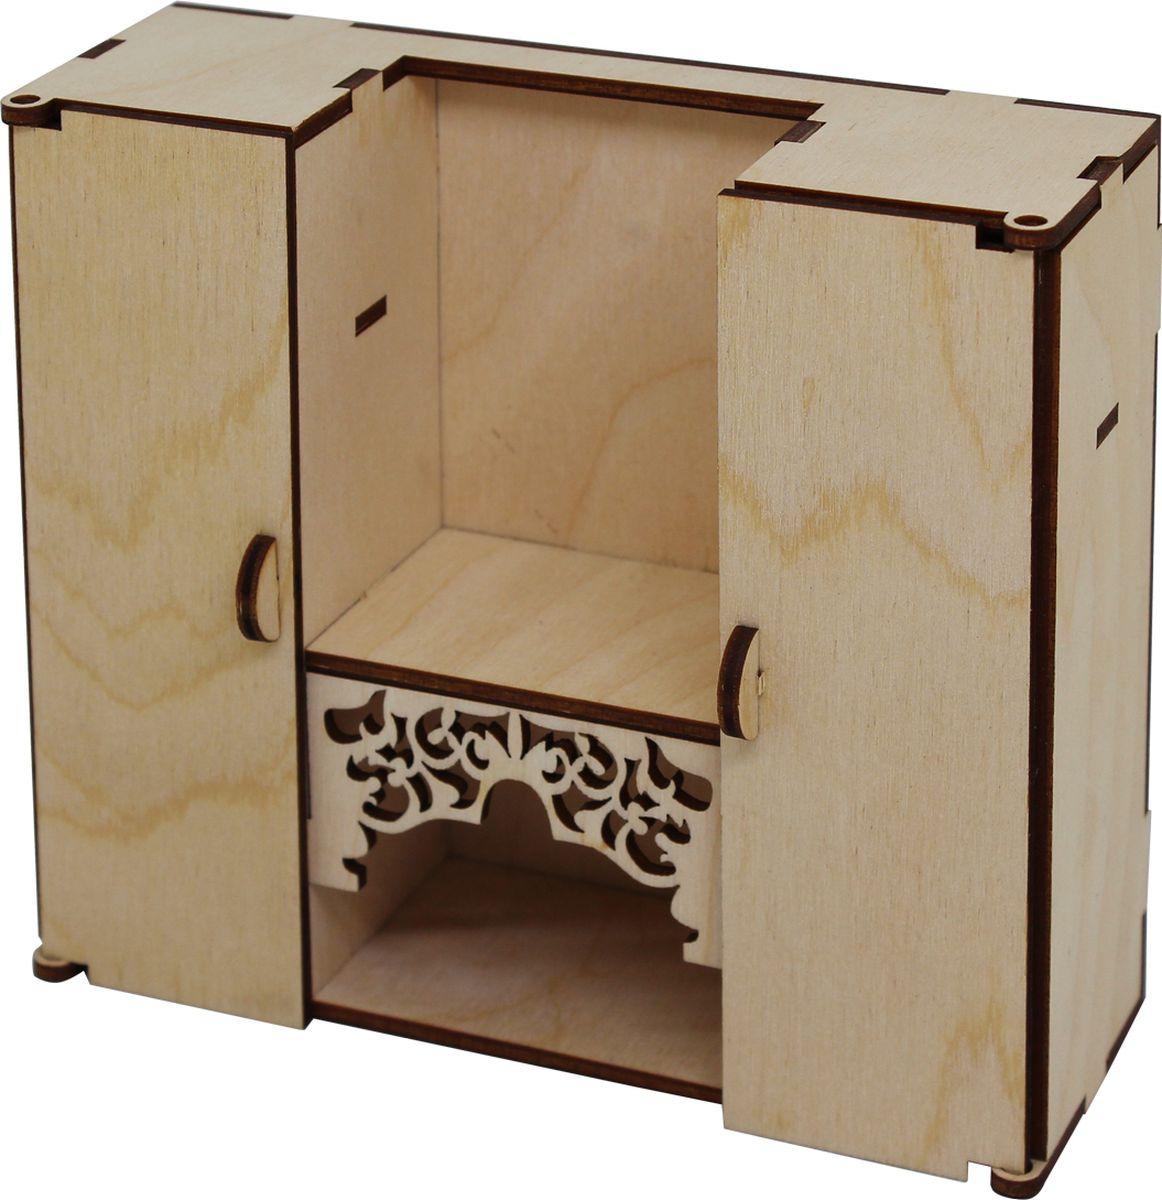 Заготовка для декорирования Астра Шкаф-стенка в гостиную с резной полкой кукольная мебель, 901280, 15 х 13 х 5 см мебель для детской